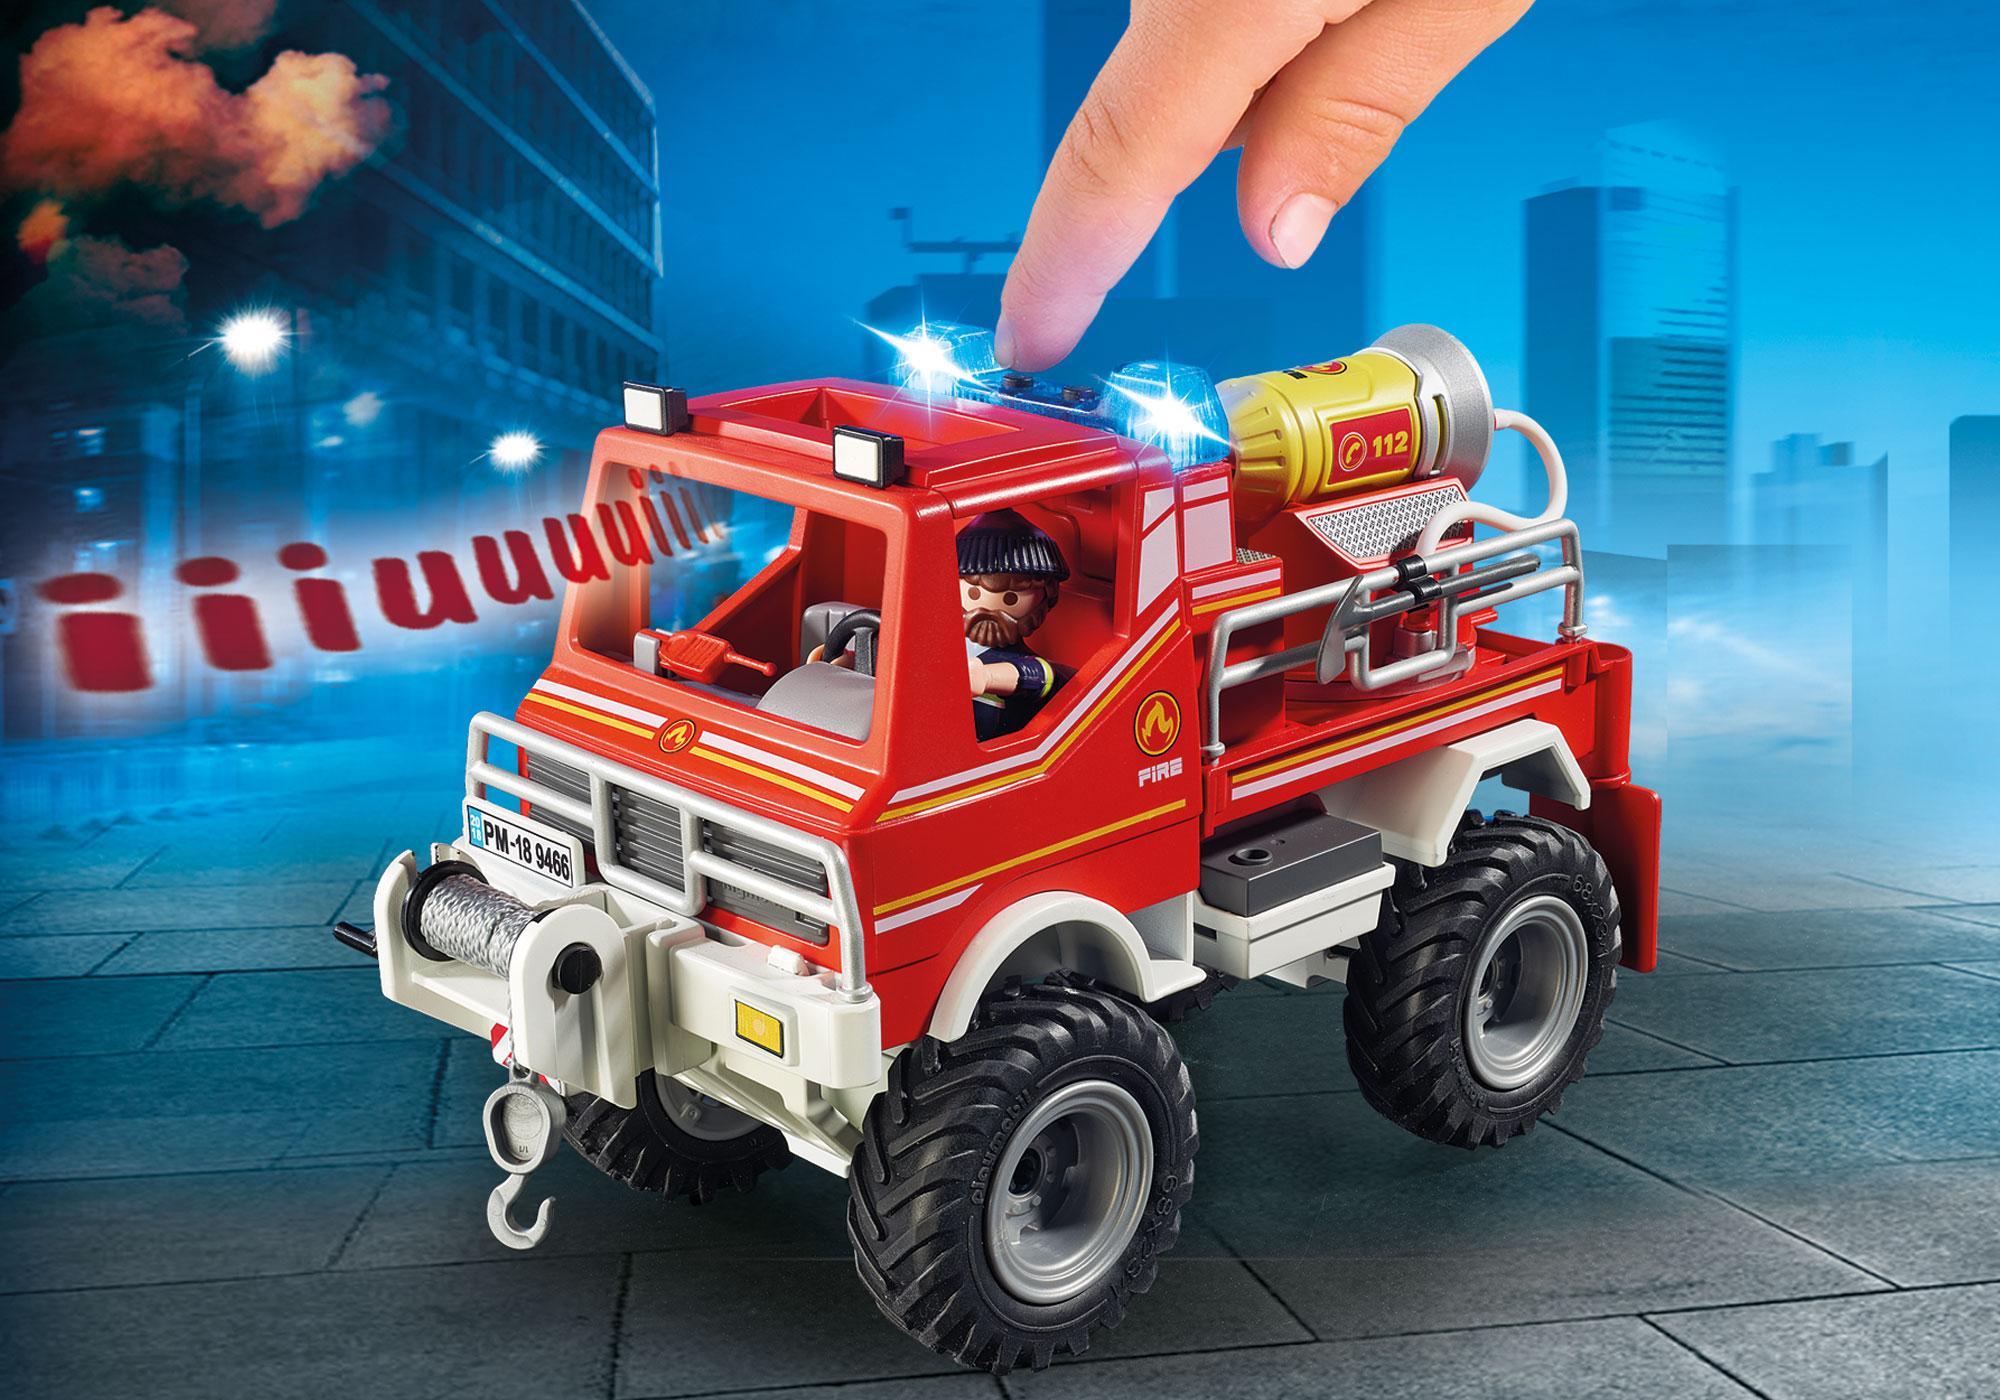 http://media.playmobil.com/i/playmobil/9466_product_extra2/Camion spara acqua dei Vigili del Fuoco